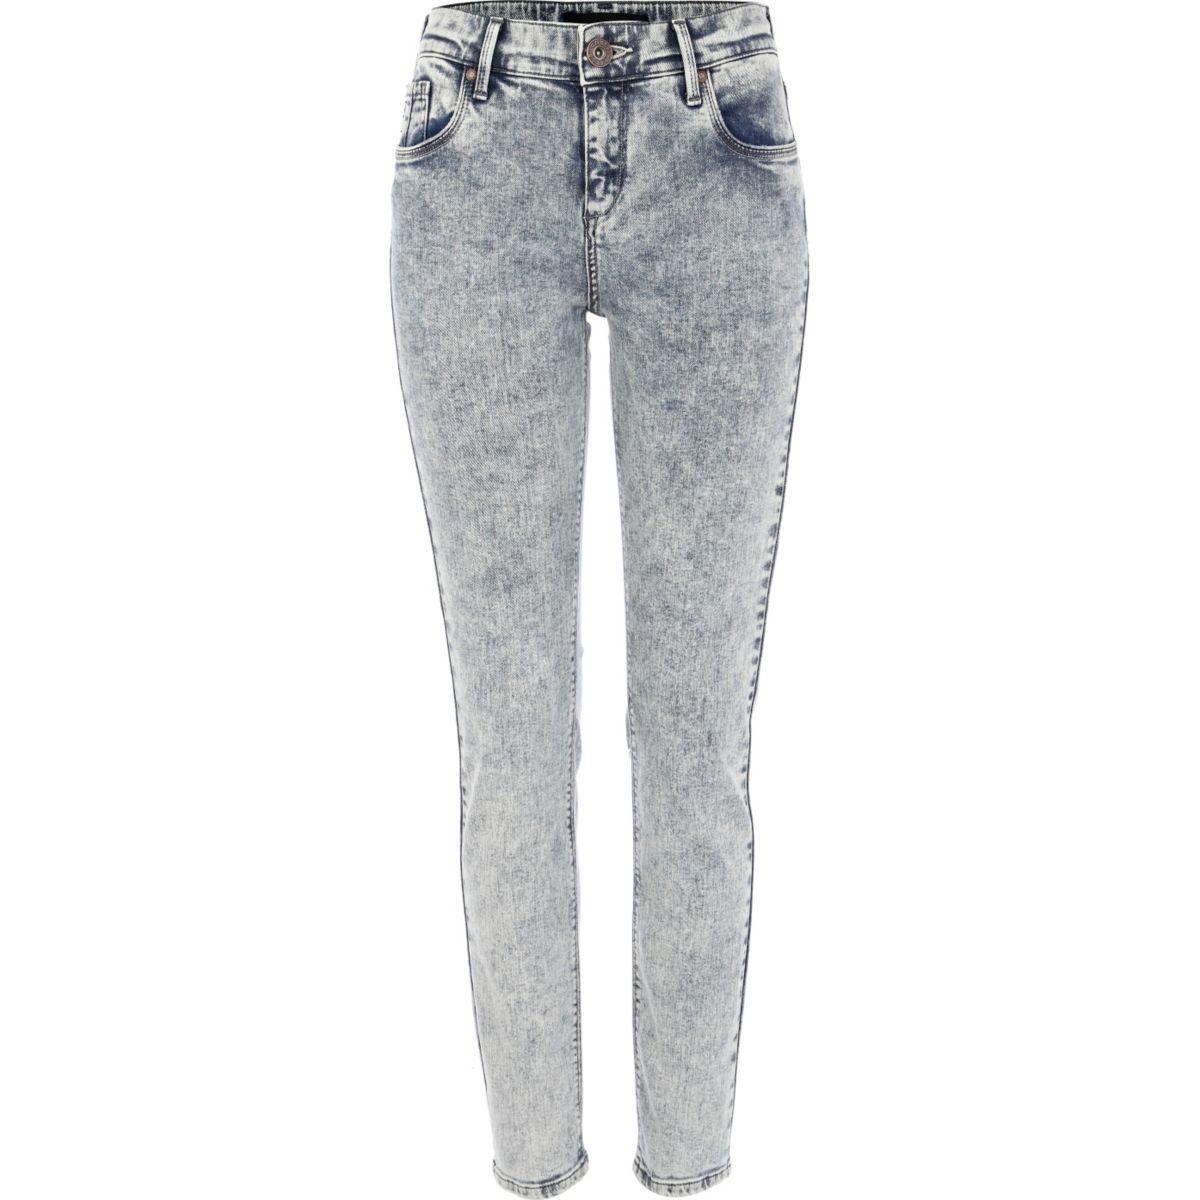 Acid wash Amelie superskinny jeans